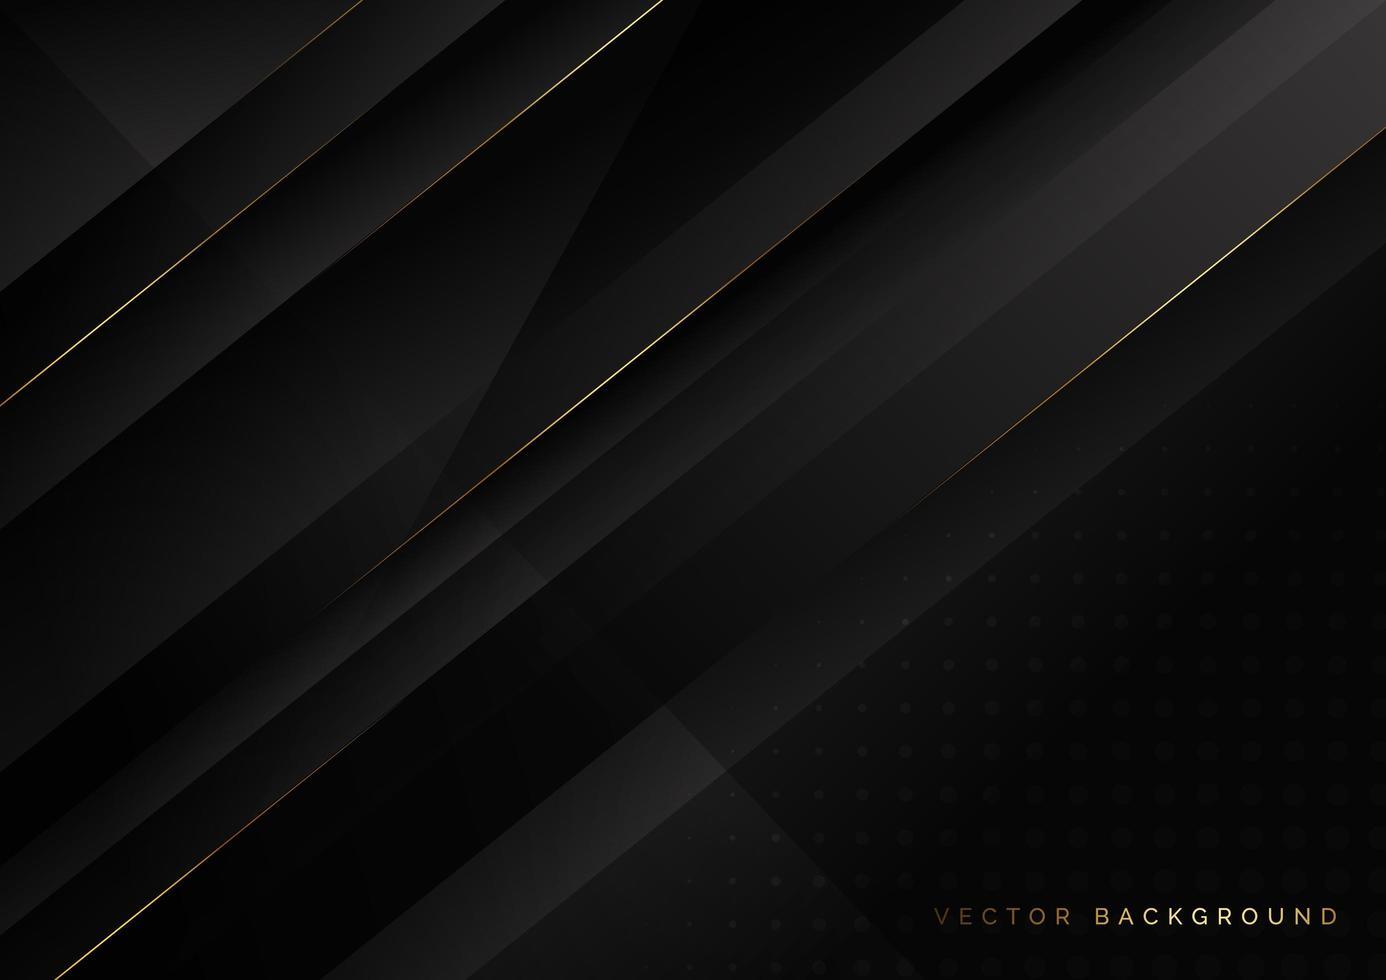 diagonaler schwarzer Hintergrund mit goldenen Linien vektor